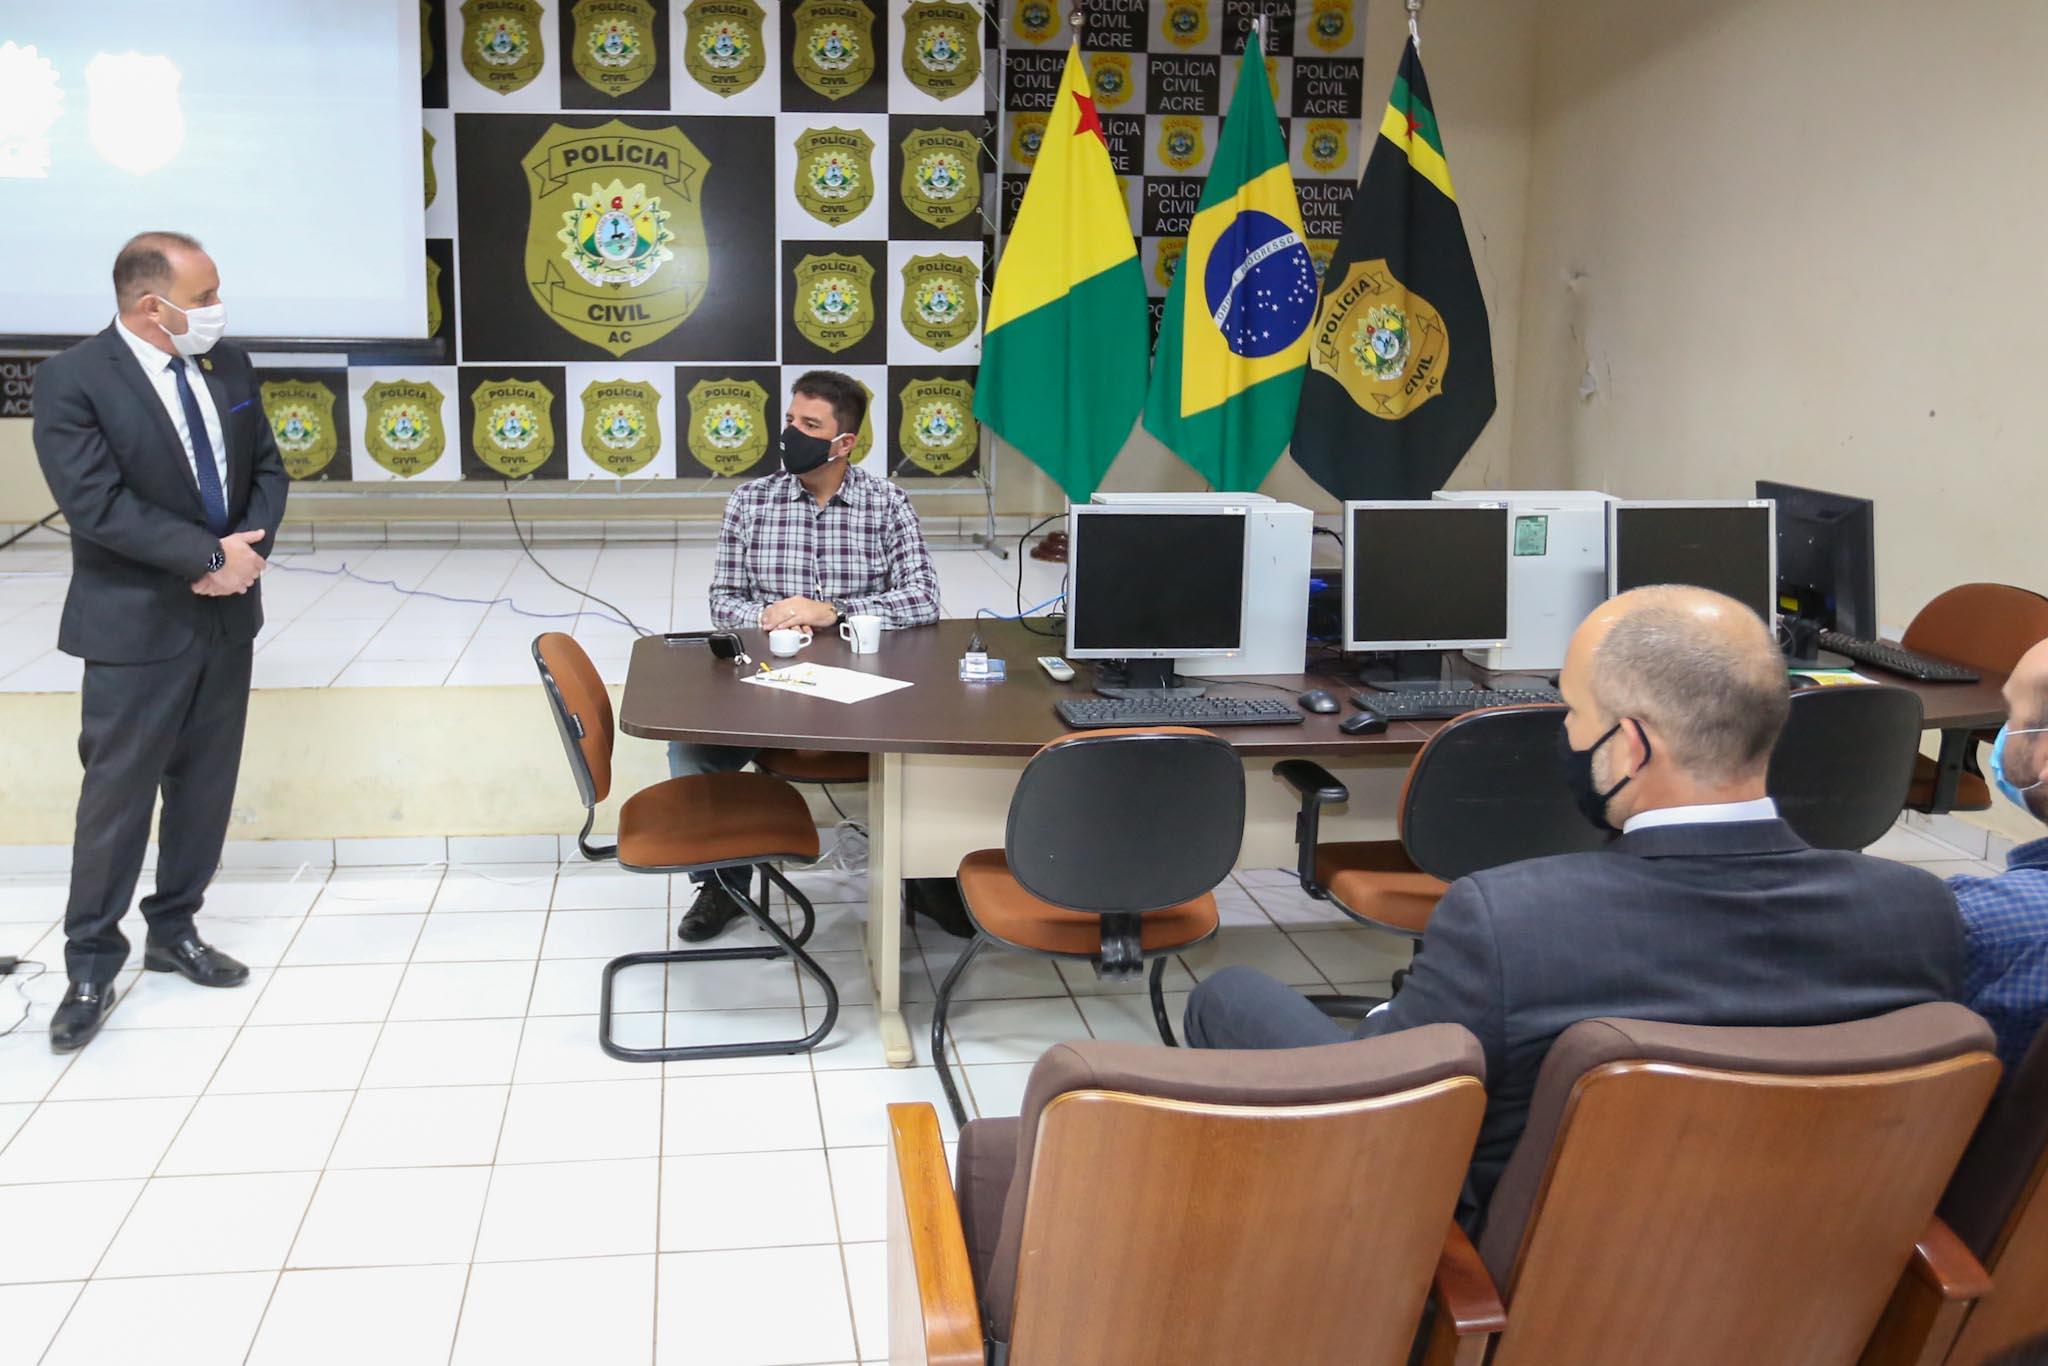 Polícia Civil apresenta ao governador resultado das ações do Grupo de Enfrentamento aos Crimes de Ordem Tributária